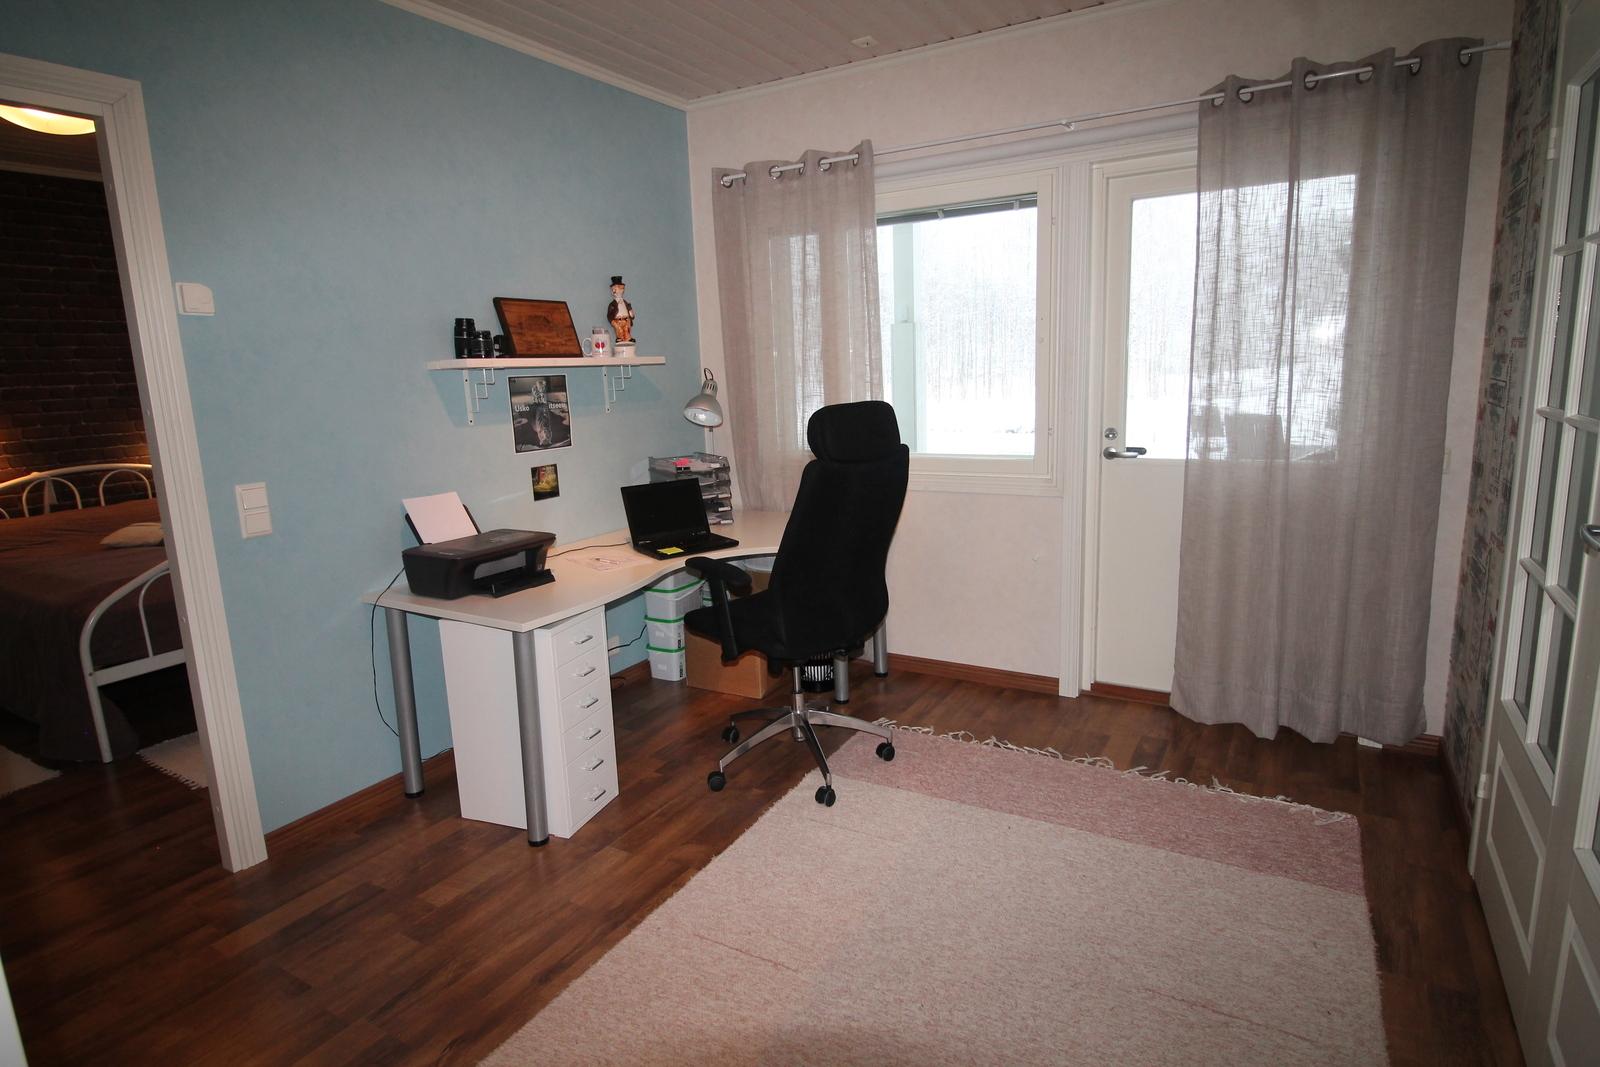 Työhuoneesta on käynti myös terassille ja näkymä lammelle.